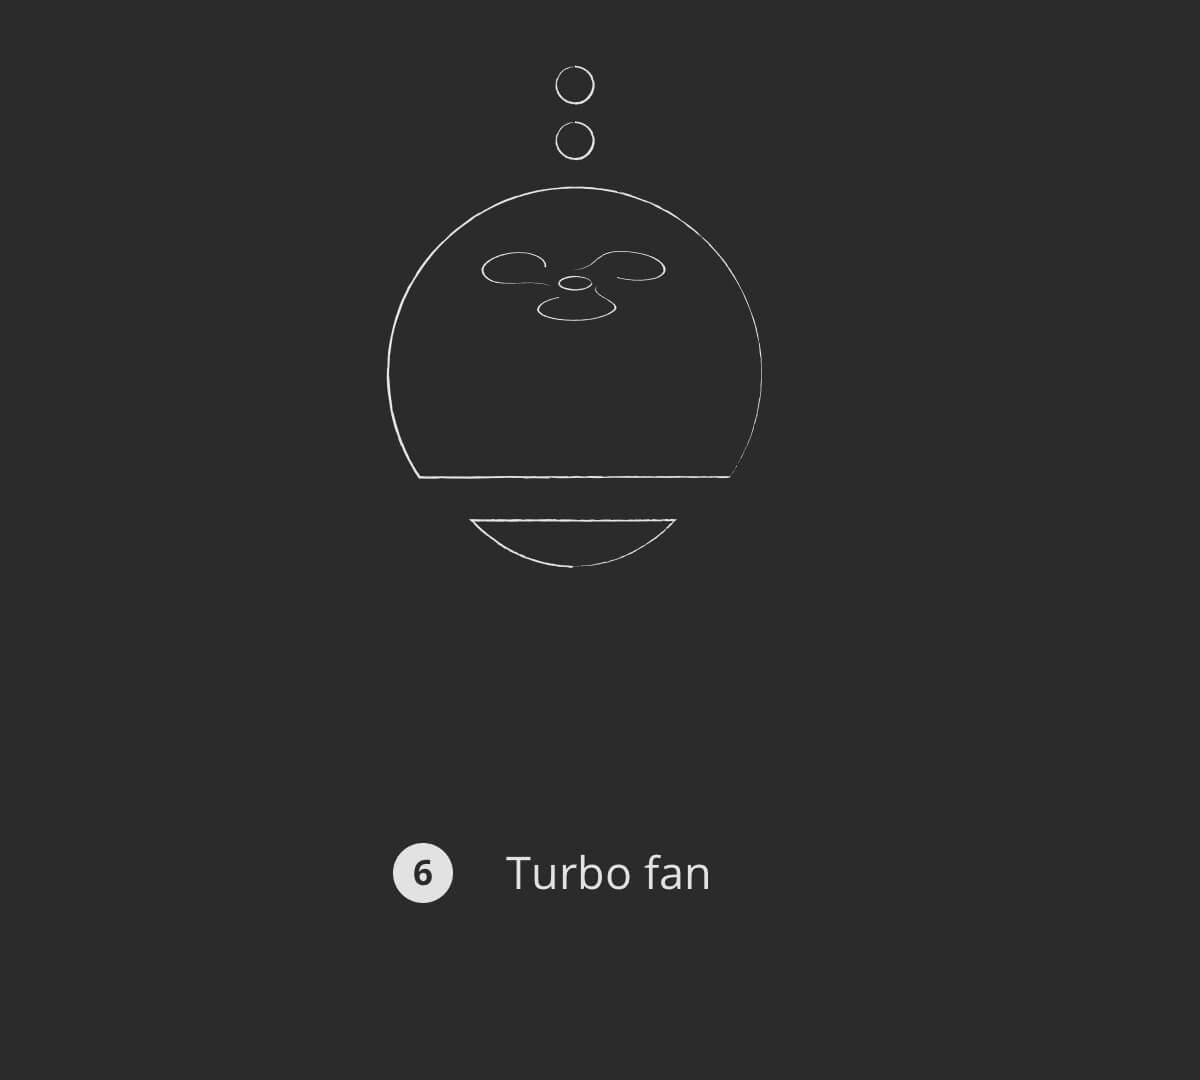 Turbo fan